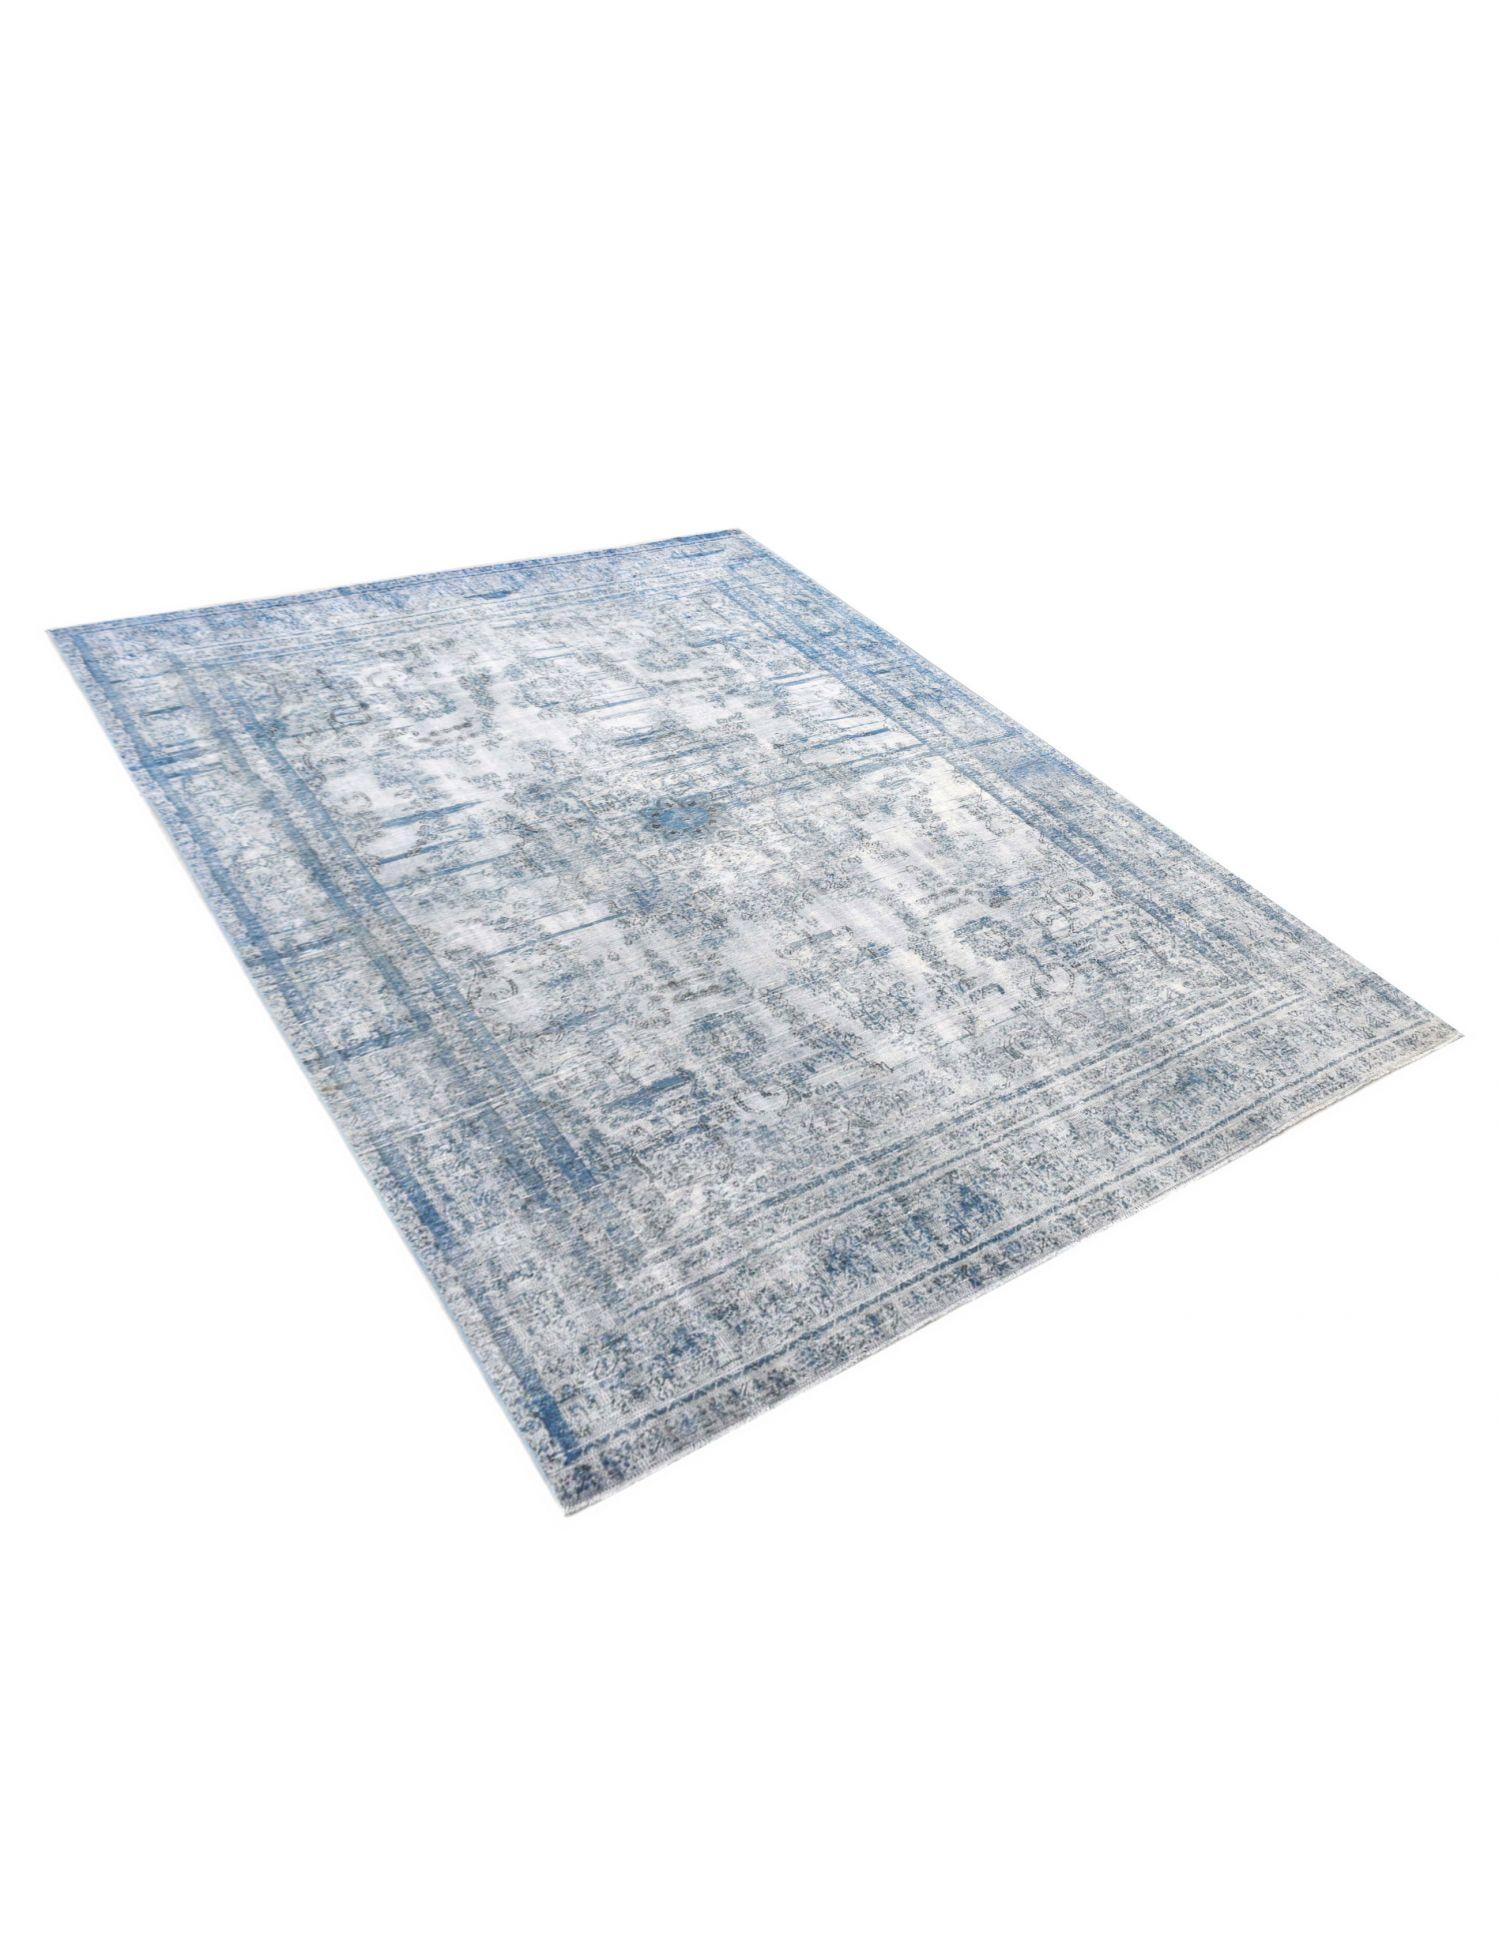 Vintage Teppich  blau <br/>365 x 272 cm